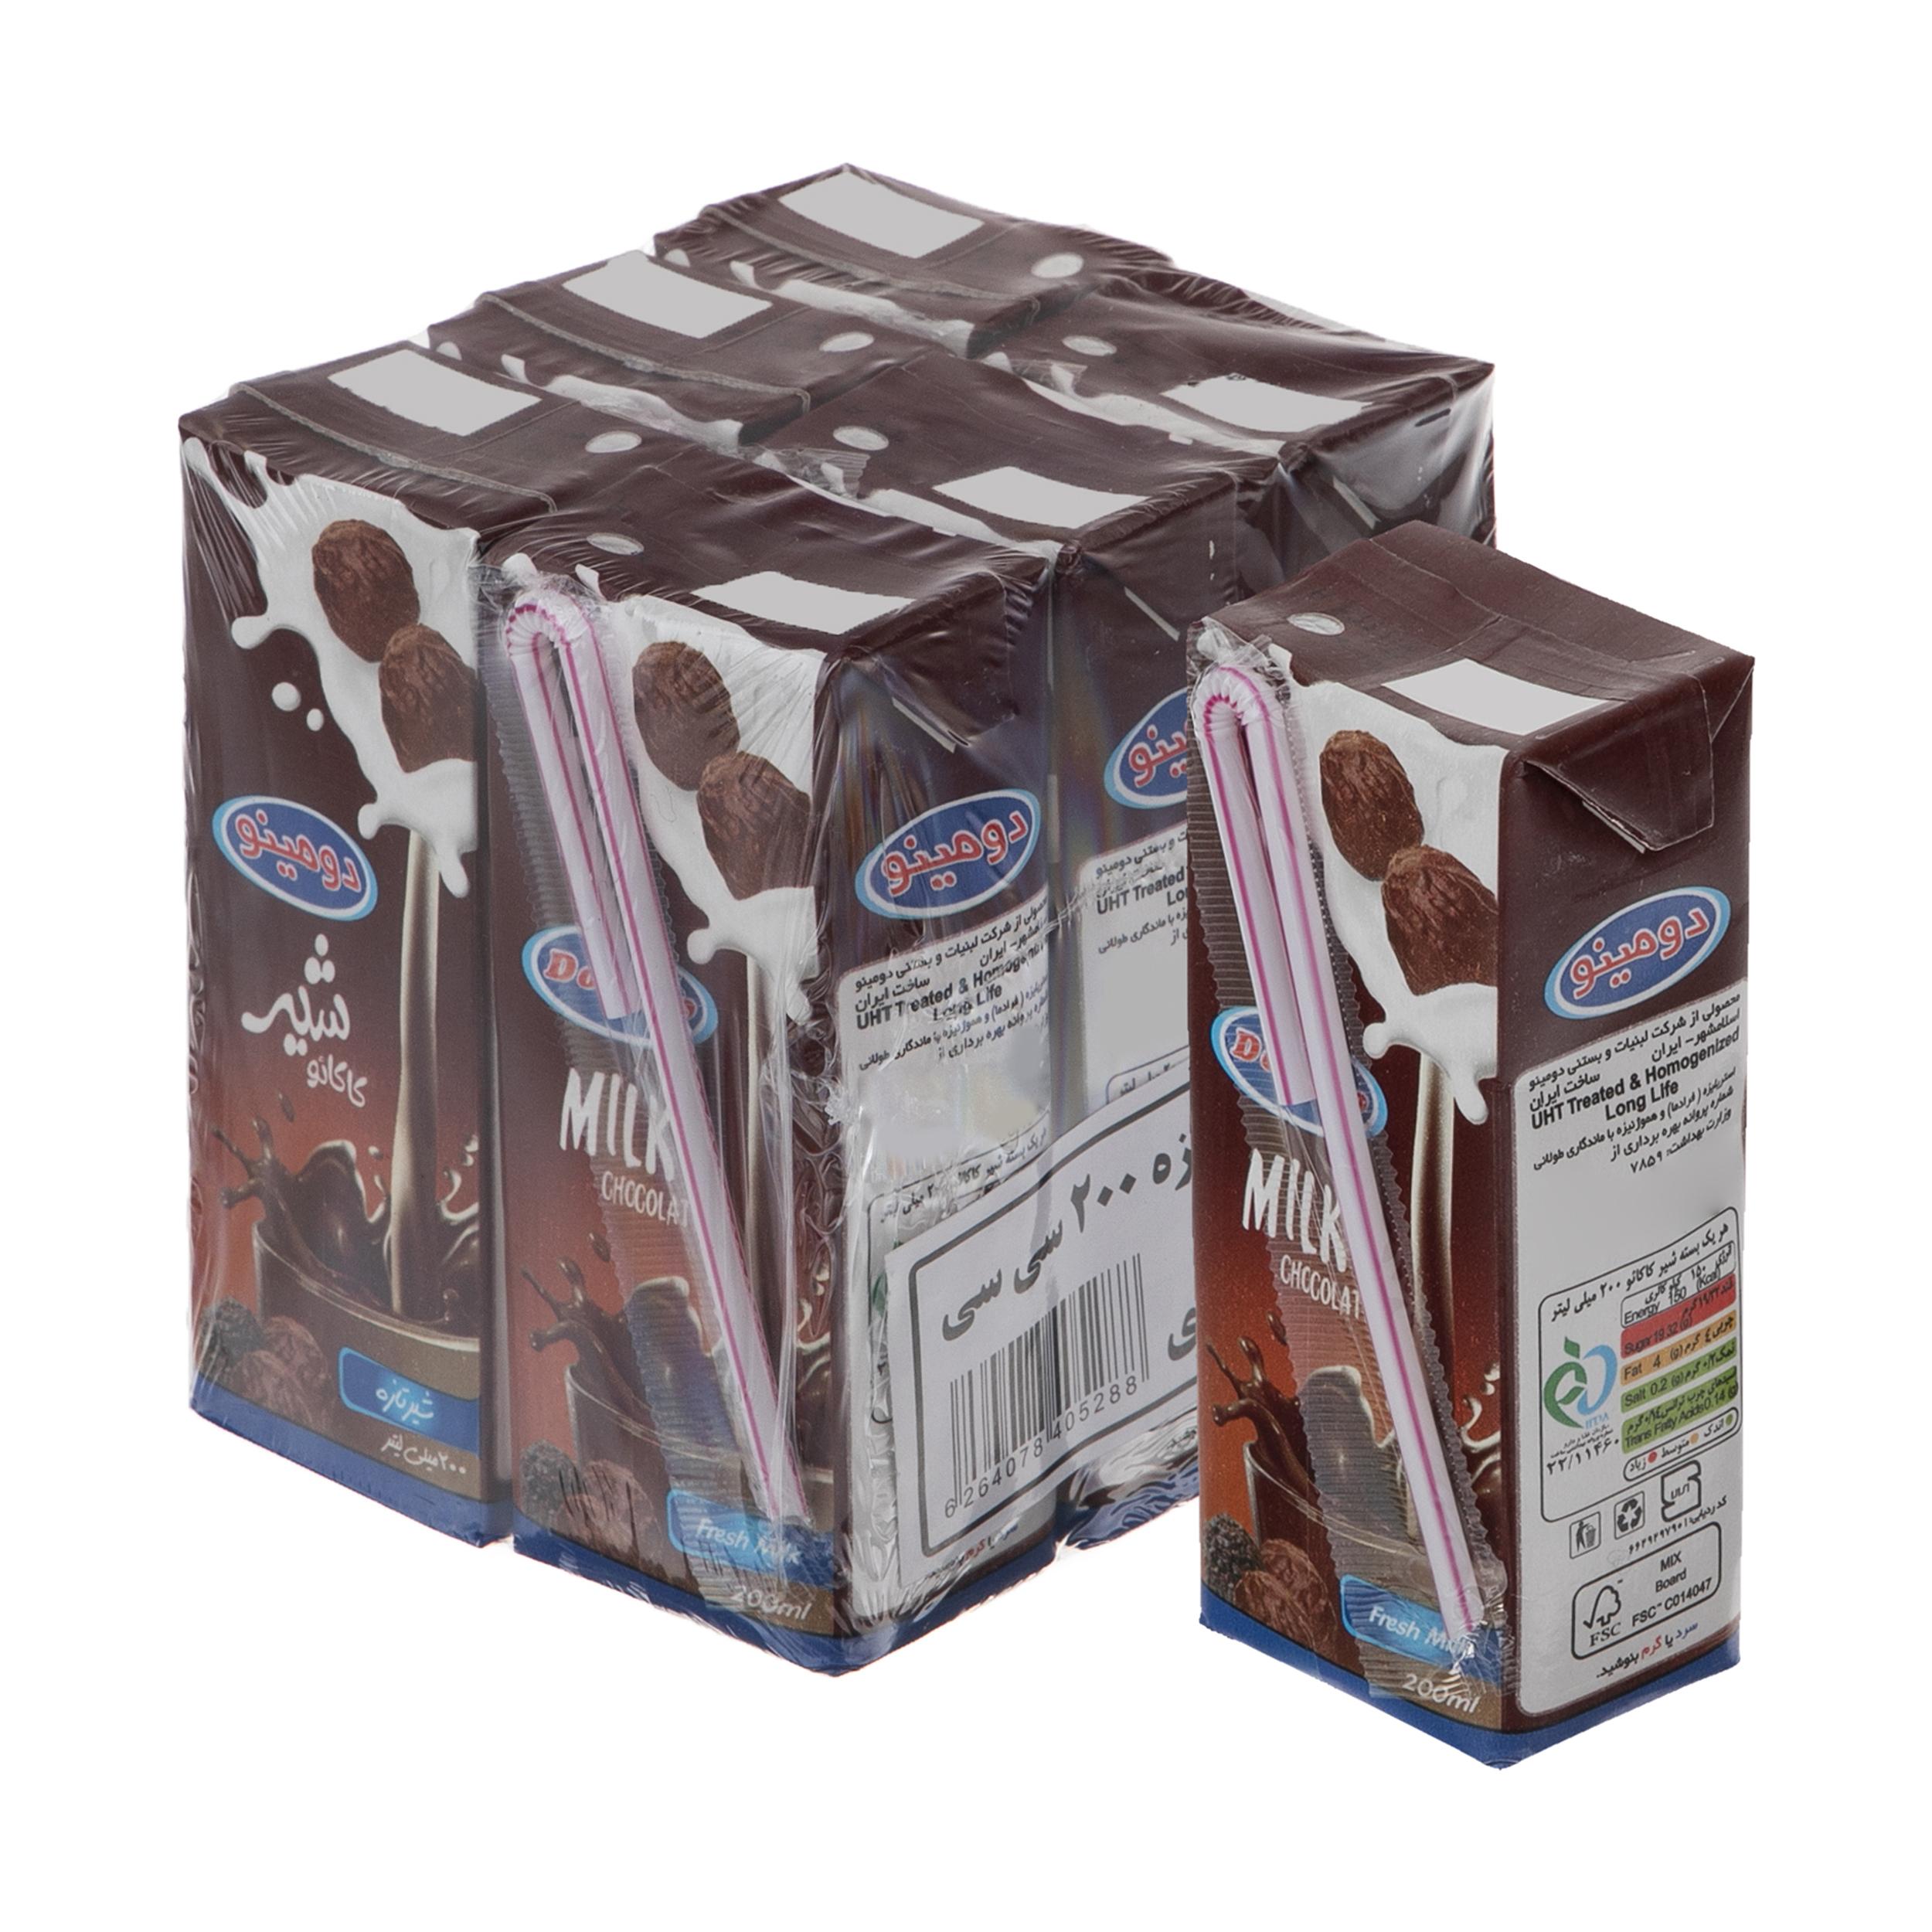 شیر کاکائو دومینو - 0.2 لیتر بسته 6 عددی